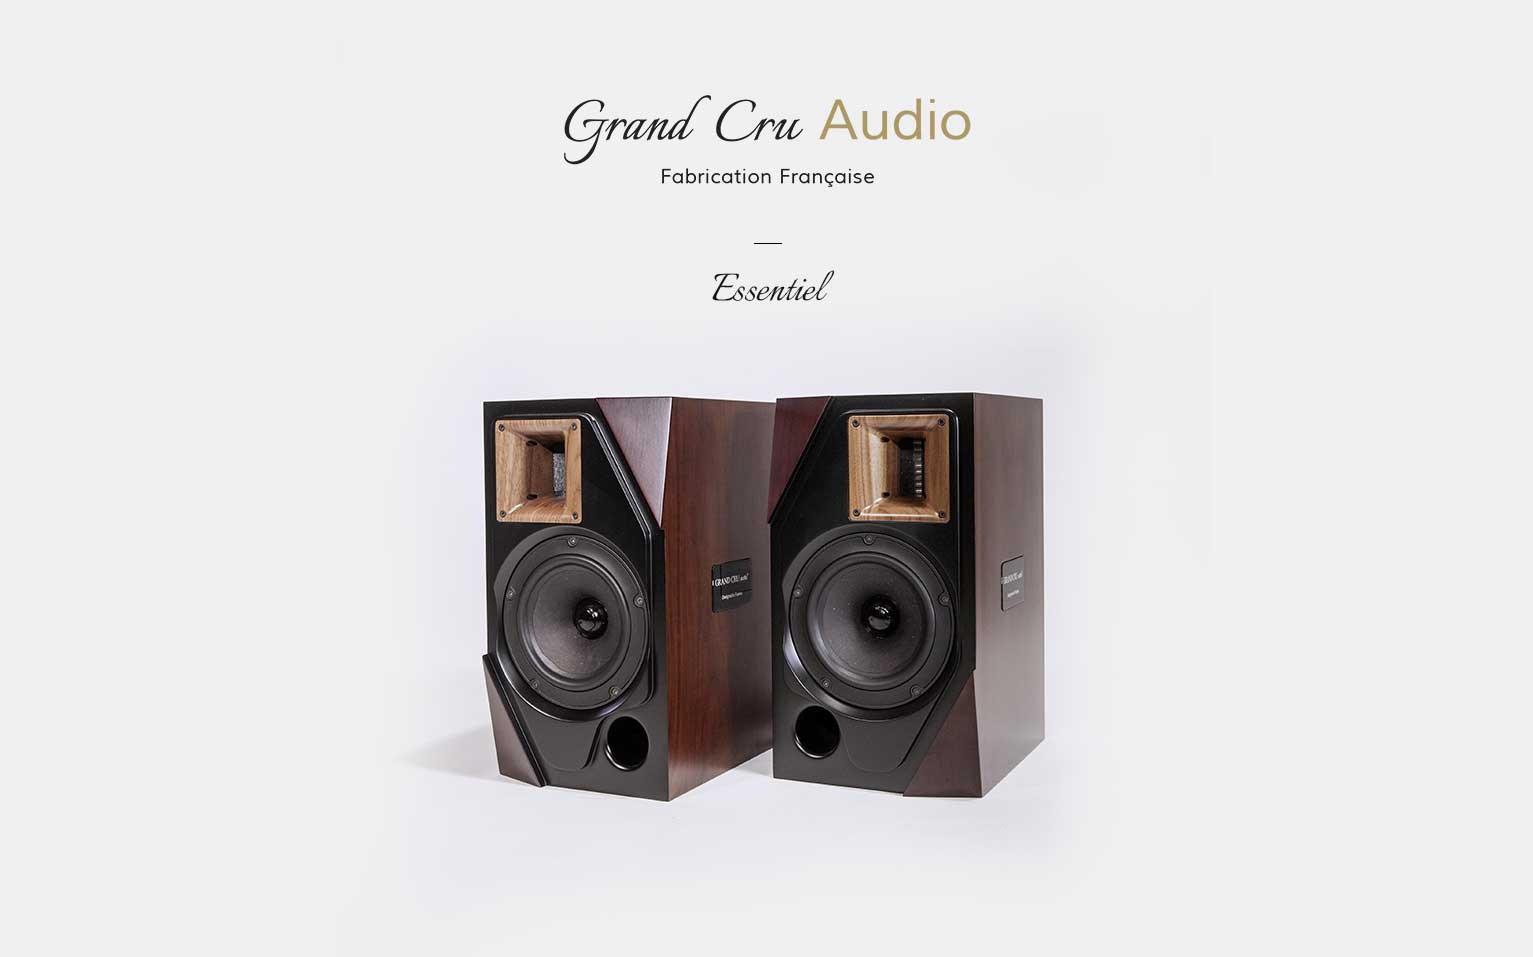 Grand cru Audio Essentiel - Enceinte hifi bibliothèque